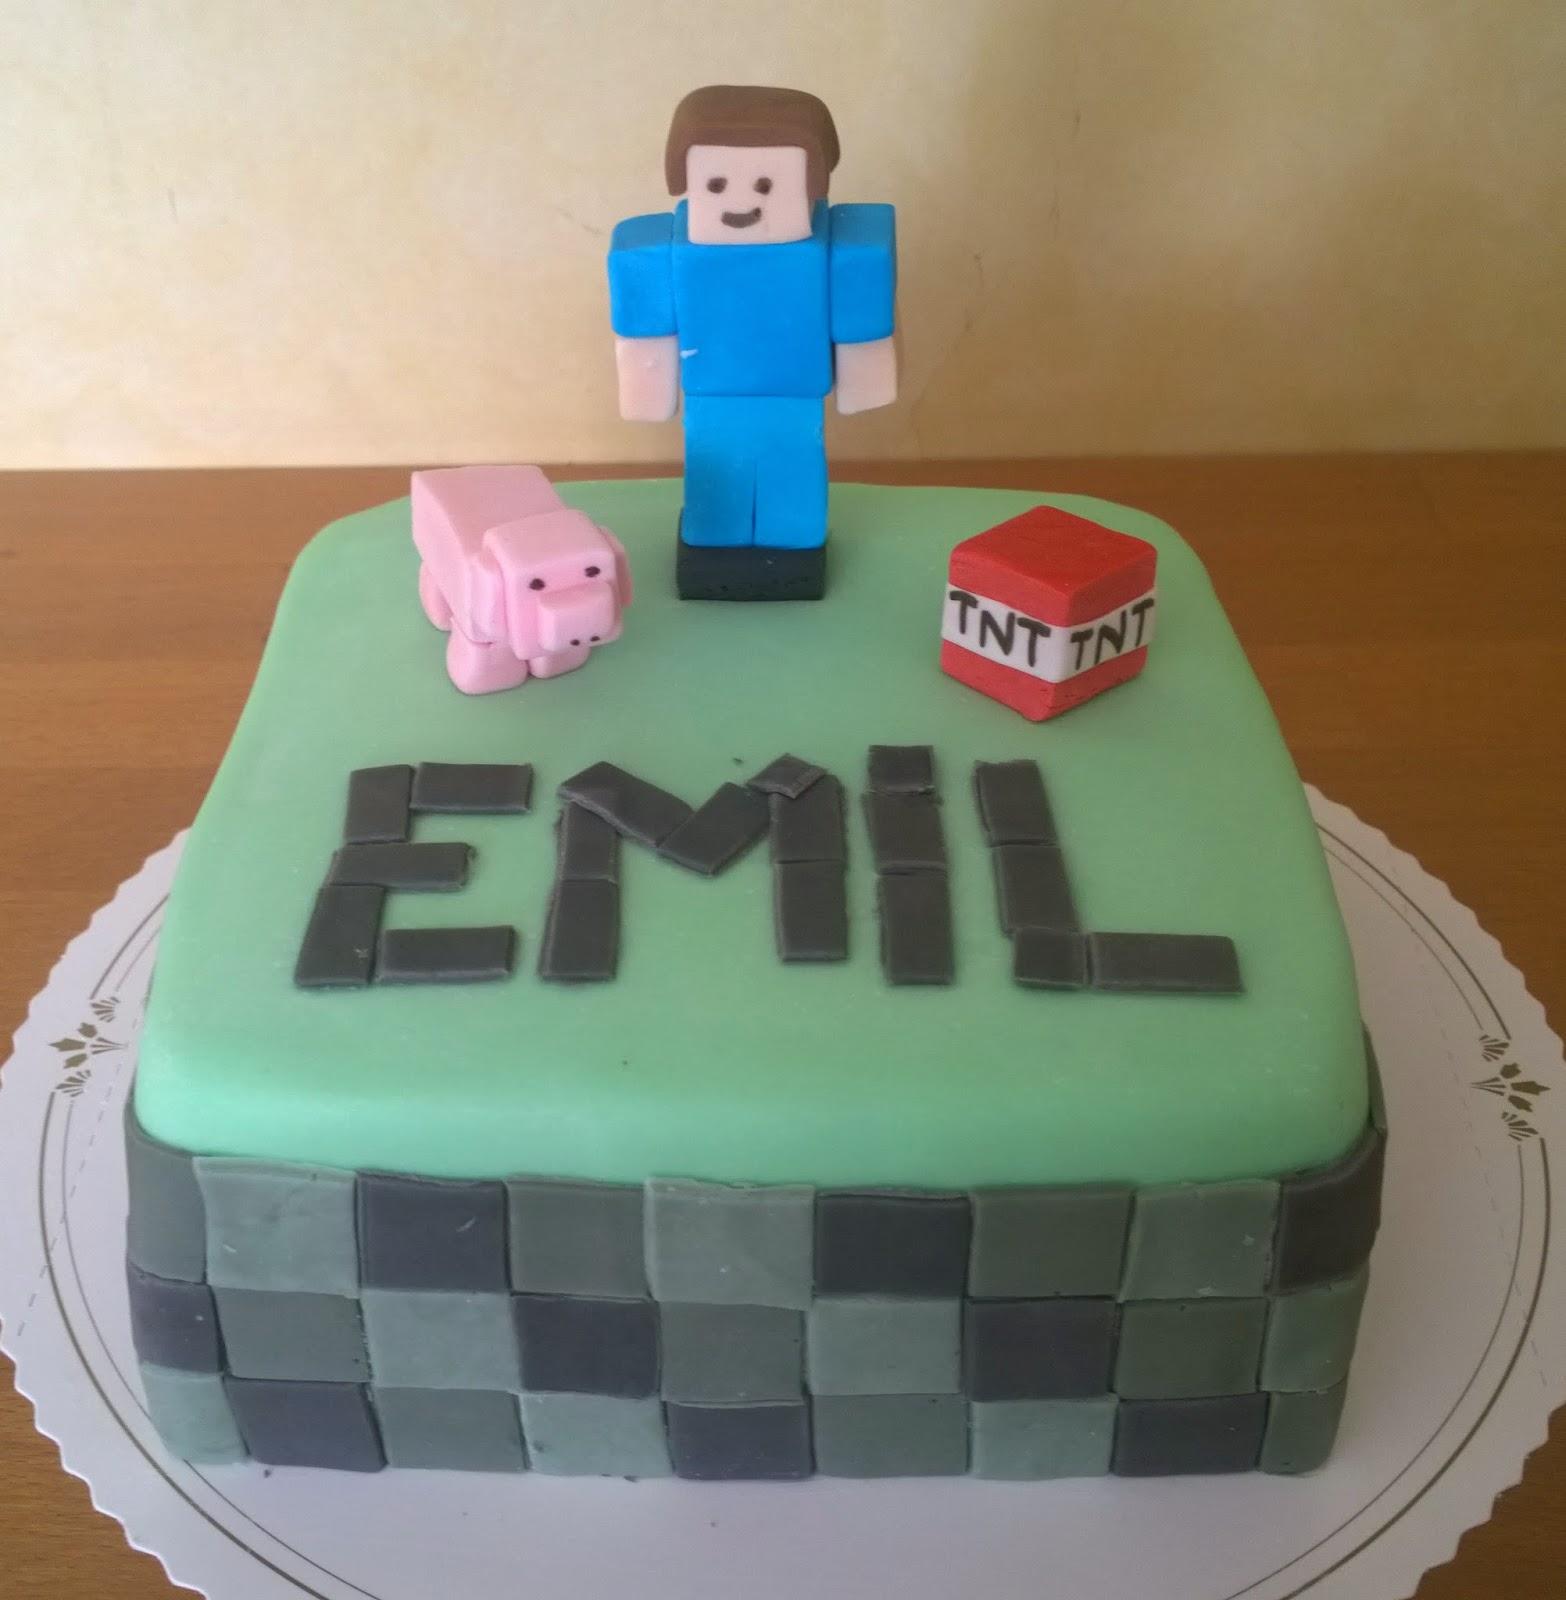 grattis emil Mat & dryck   Nillashandicraft   Emil firade med Minecraft  tårta  grattis emil